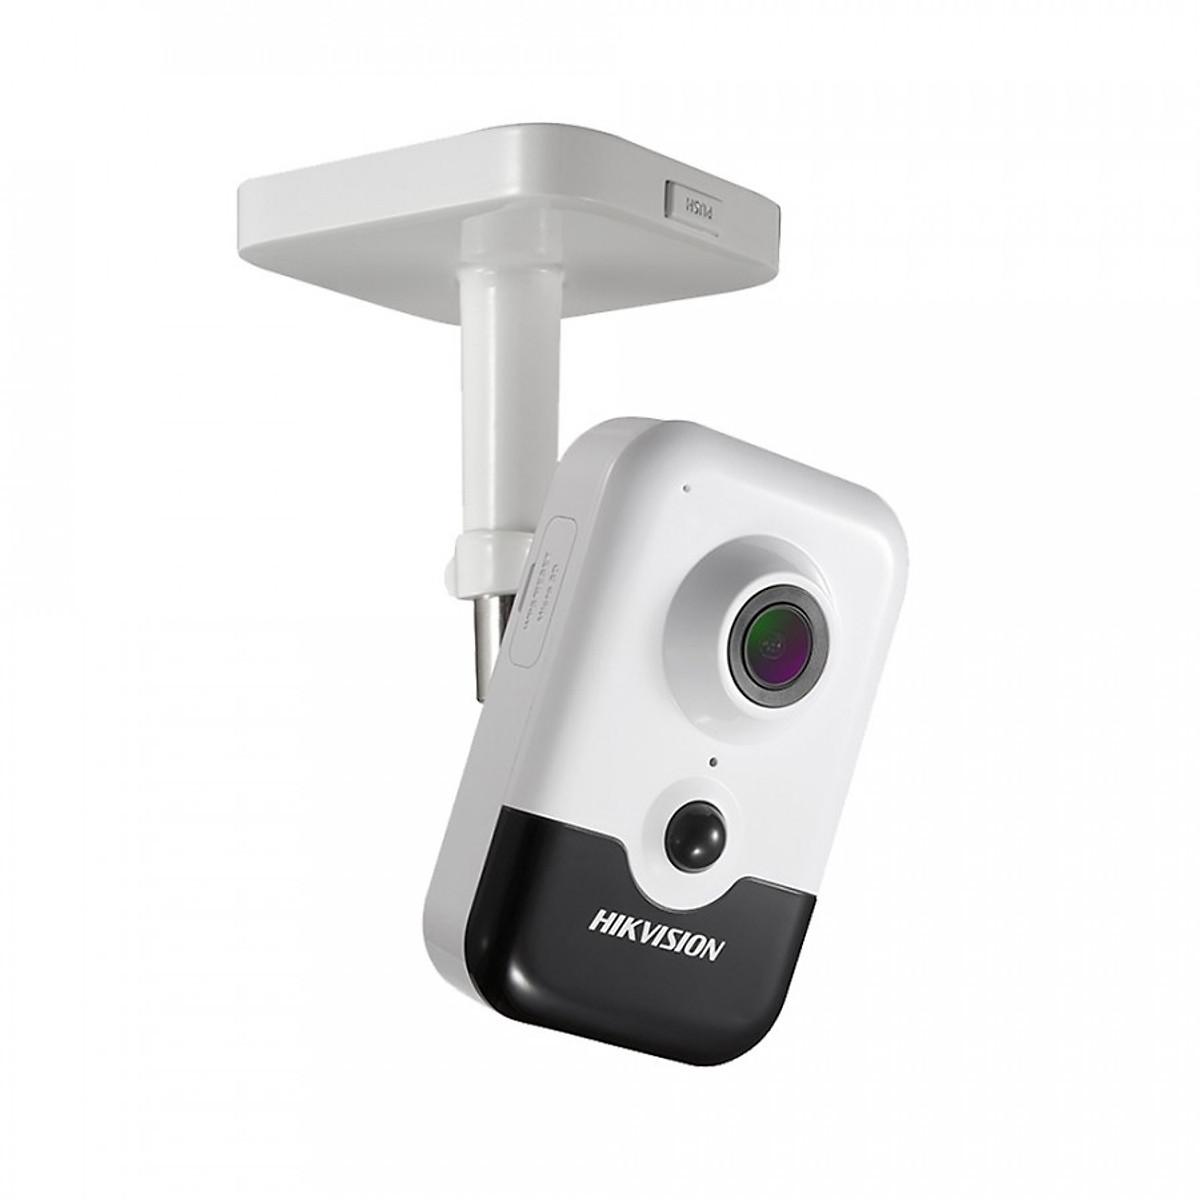 Camera Giám Sát An Ninh IP Wifi Không Dây Hồng Ngoại Nhìn Đêm – Hikvision DS-2CD2443G0-IW – Hàng chính hãng